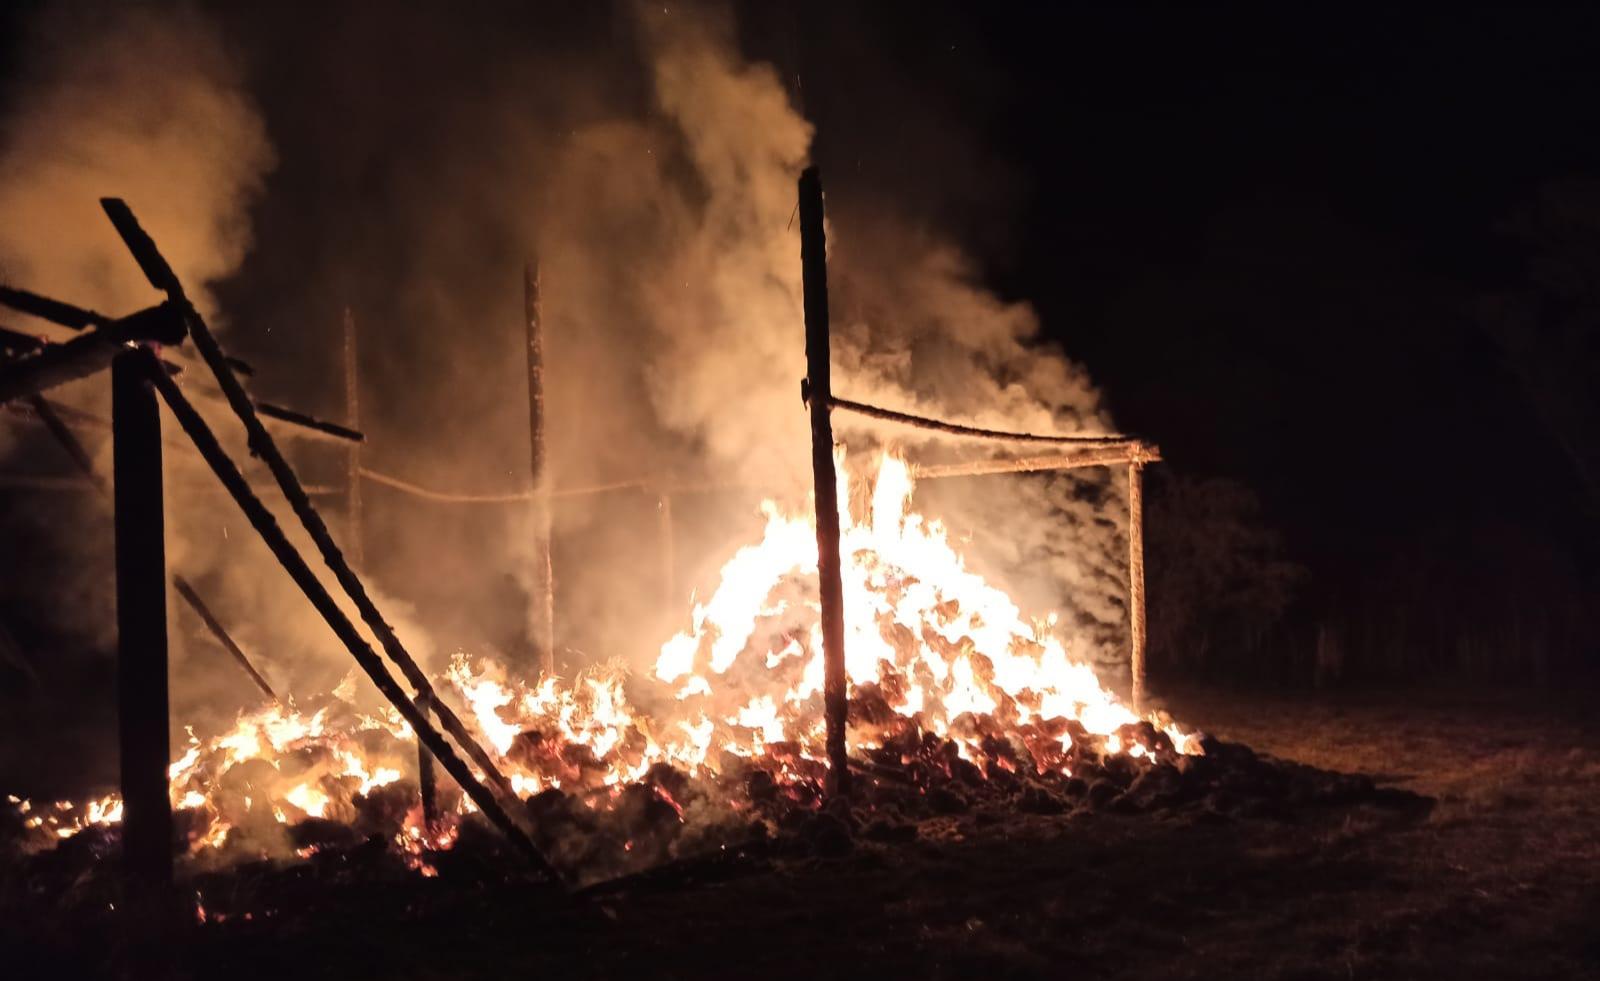 Incendiu în Dupuș- Au ars peste 1500 de baloți de fân și 120 mp din suprafața depozitul